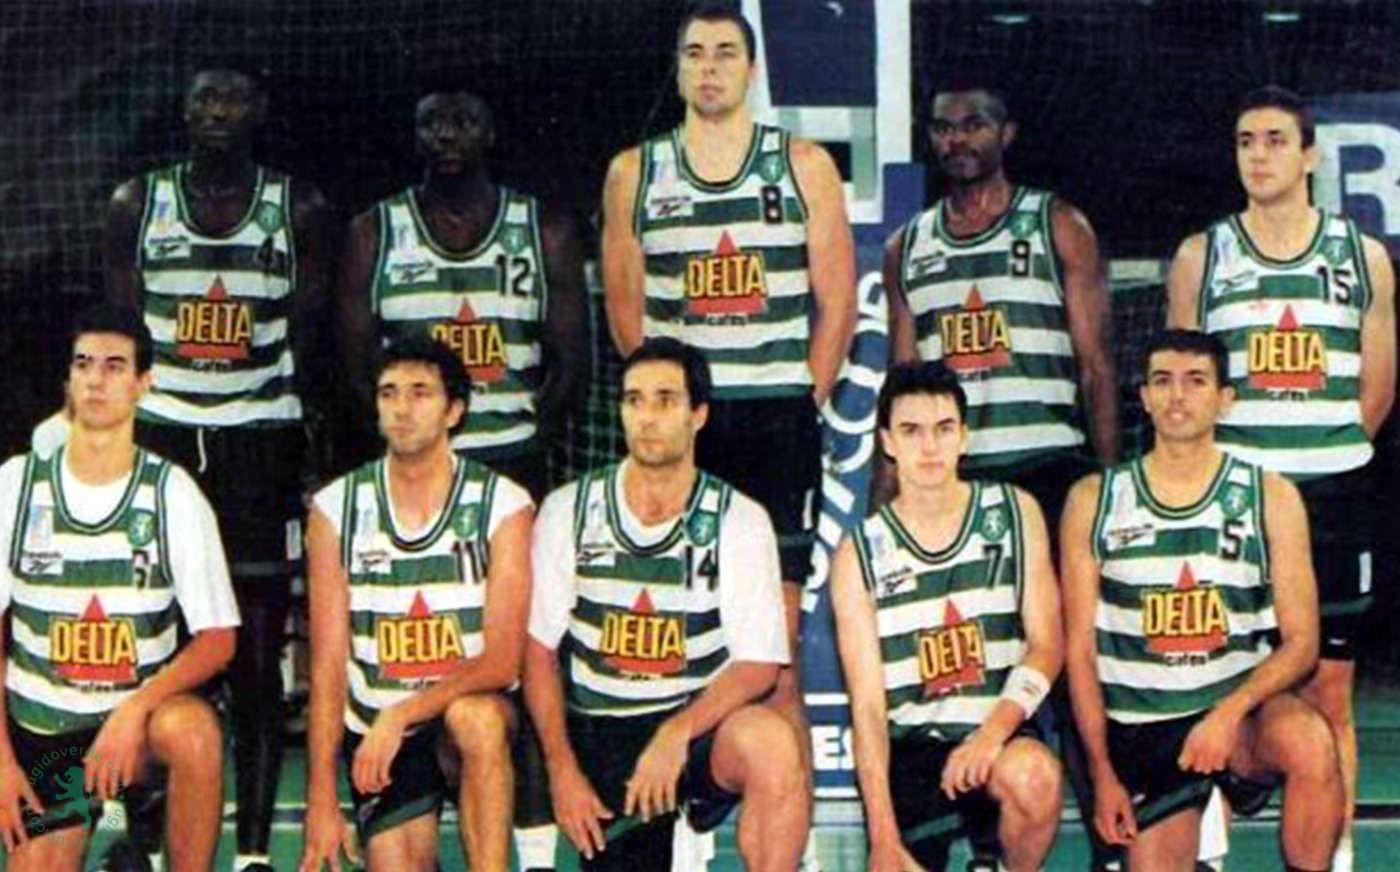 Neste dia… em 2016, o Sporting anuncia o regresso do Basquetebol, 21 anos depois de extinto